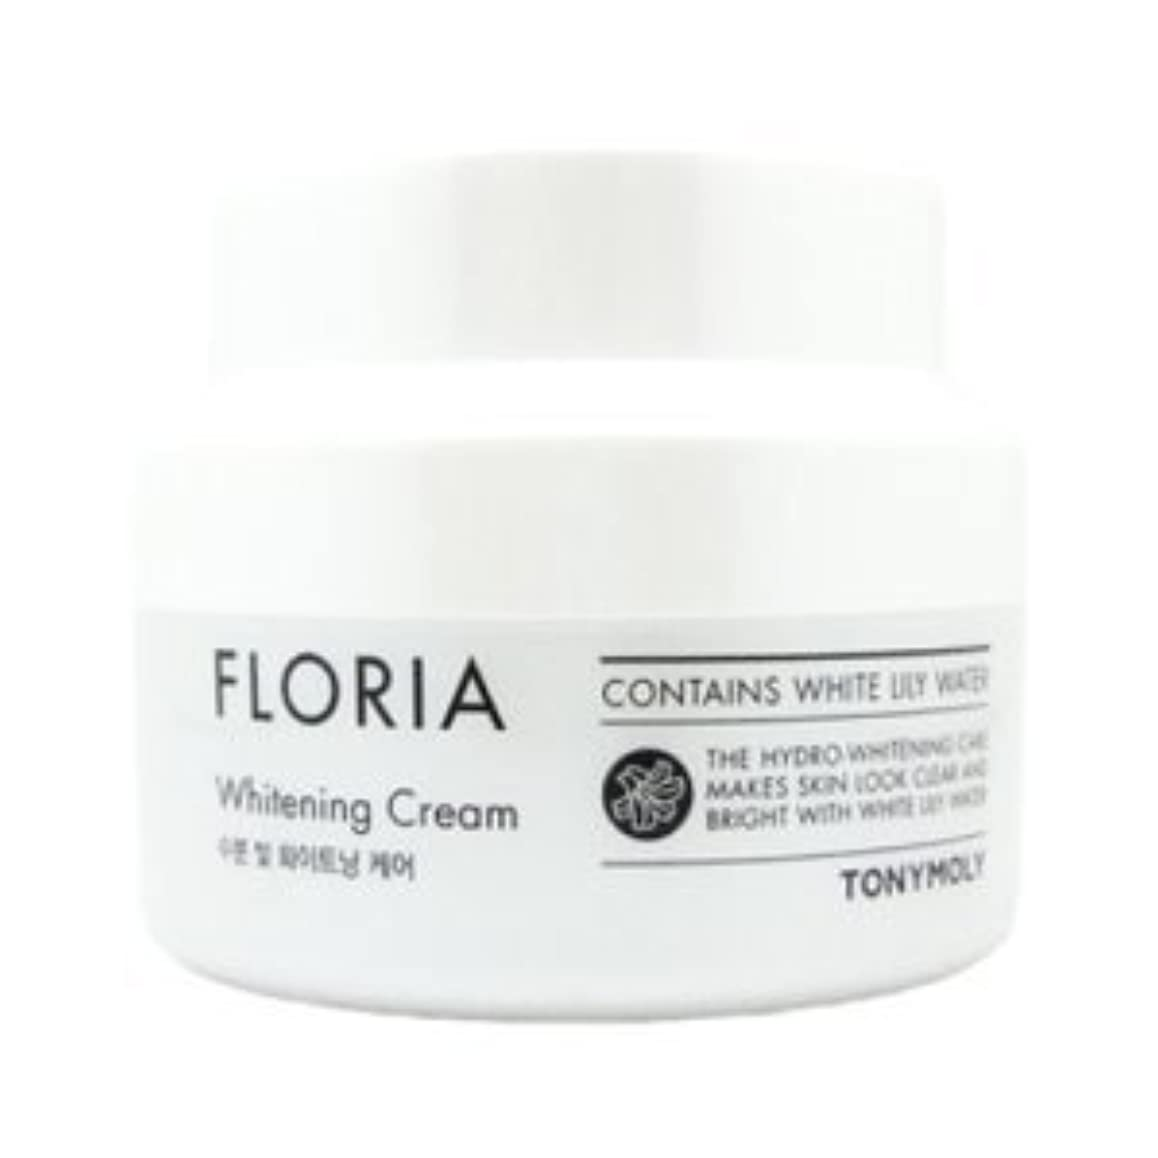 ひどく石灰岩口TONYMOLY Floria Whitening Cream 60ml/トニーモリー フロリア ホワイトニング クリーム 60ml [並行輸入品]